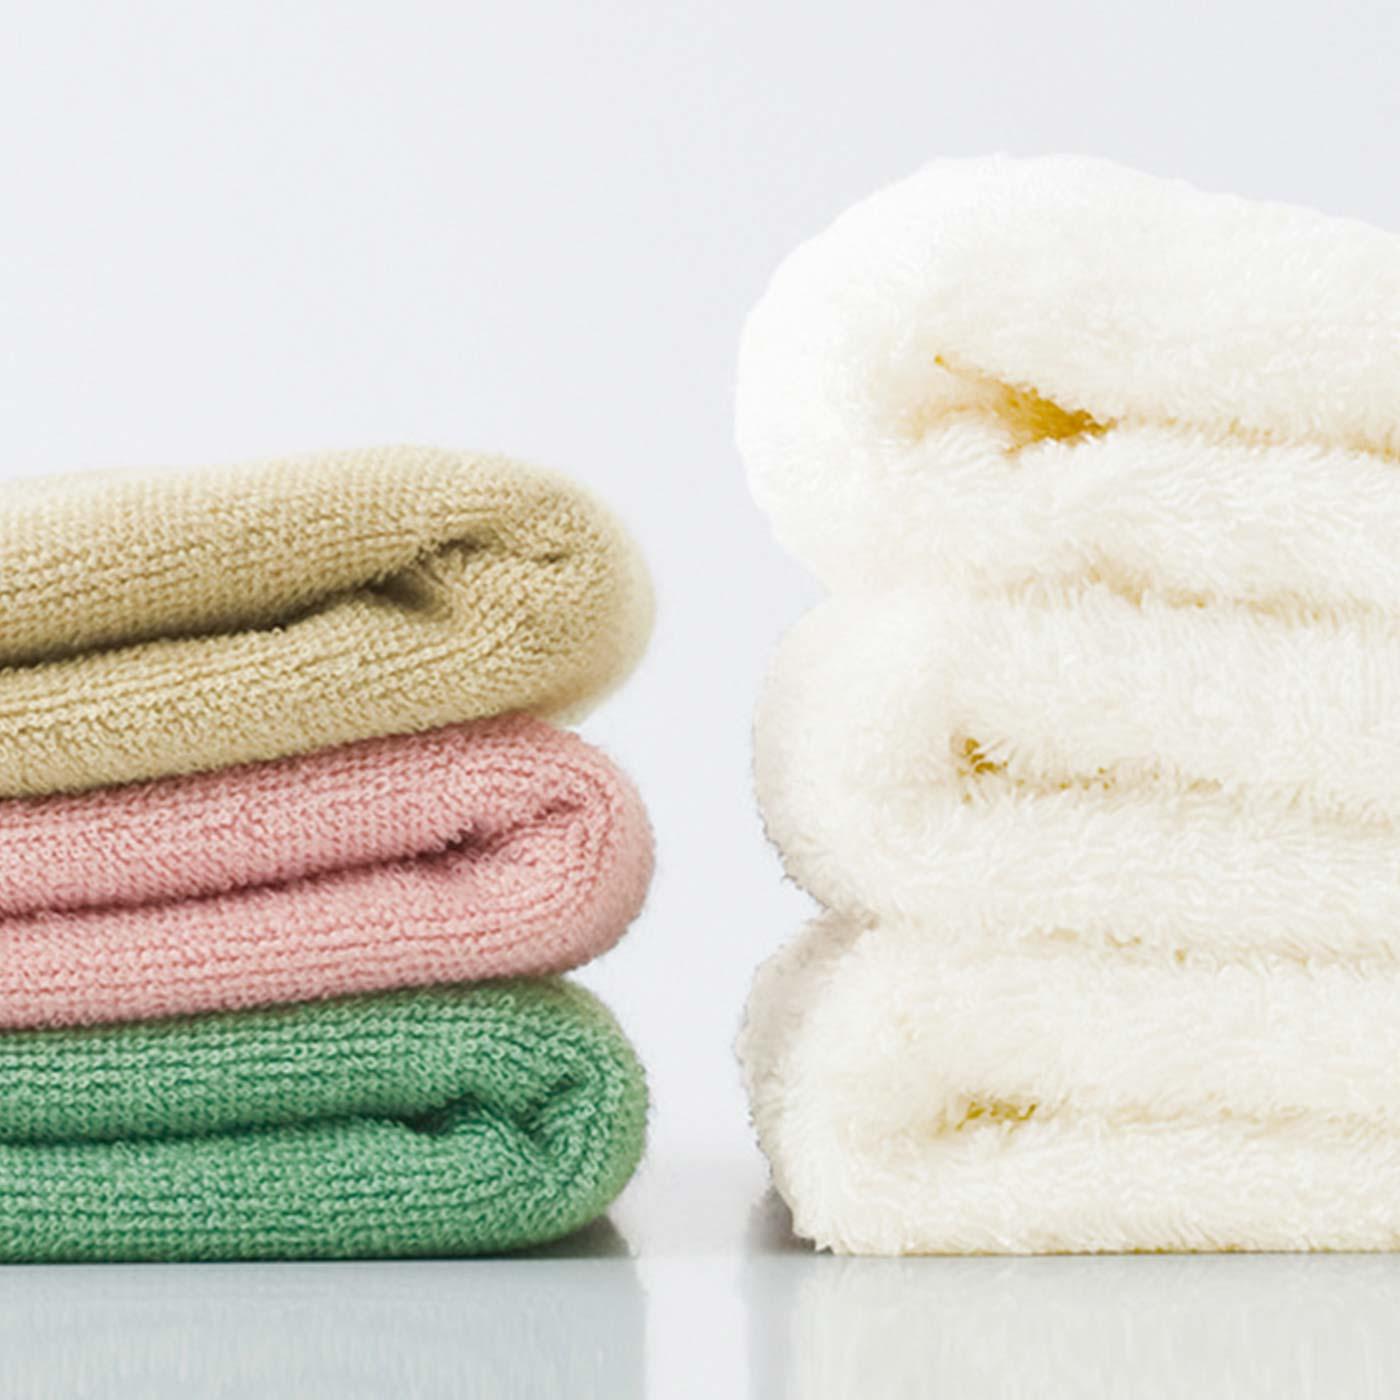 (左:ヘアドライタオル 右:一般的なタオル) 薄くて軽いから洗濯しやすく、かさばらないから旅行やジムにも!